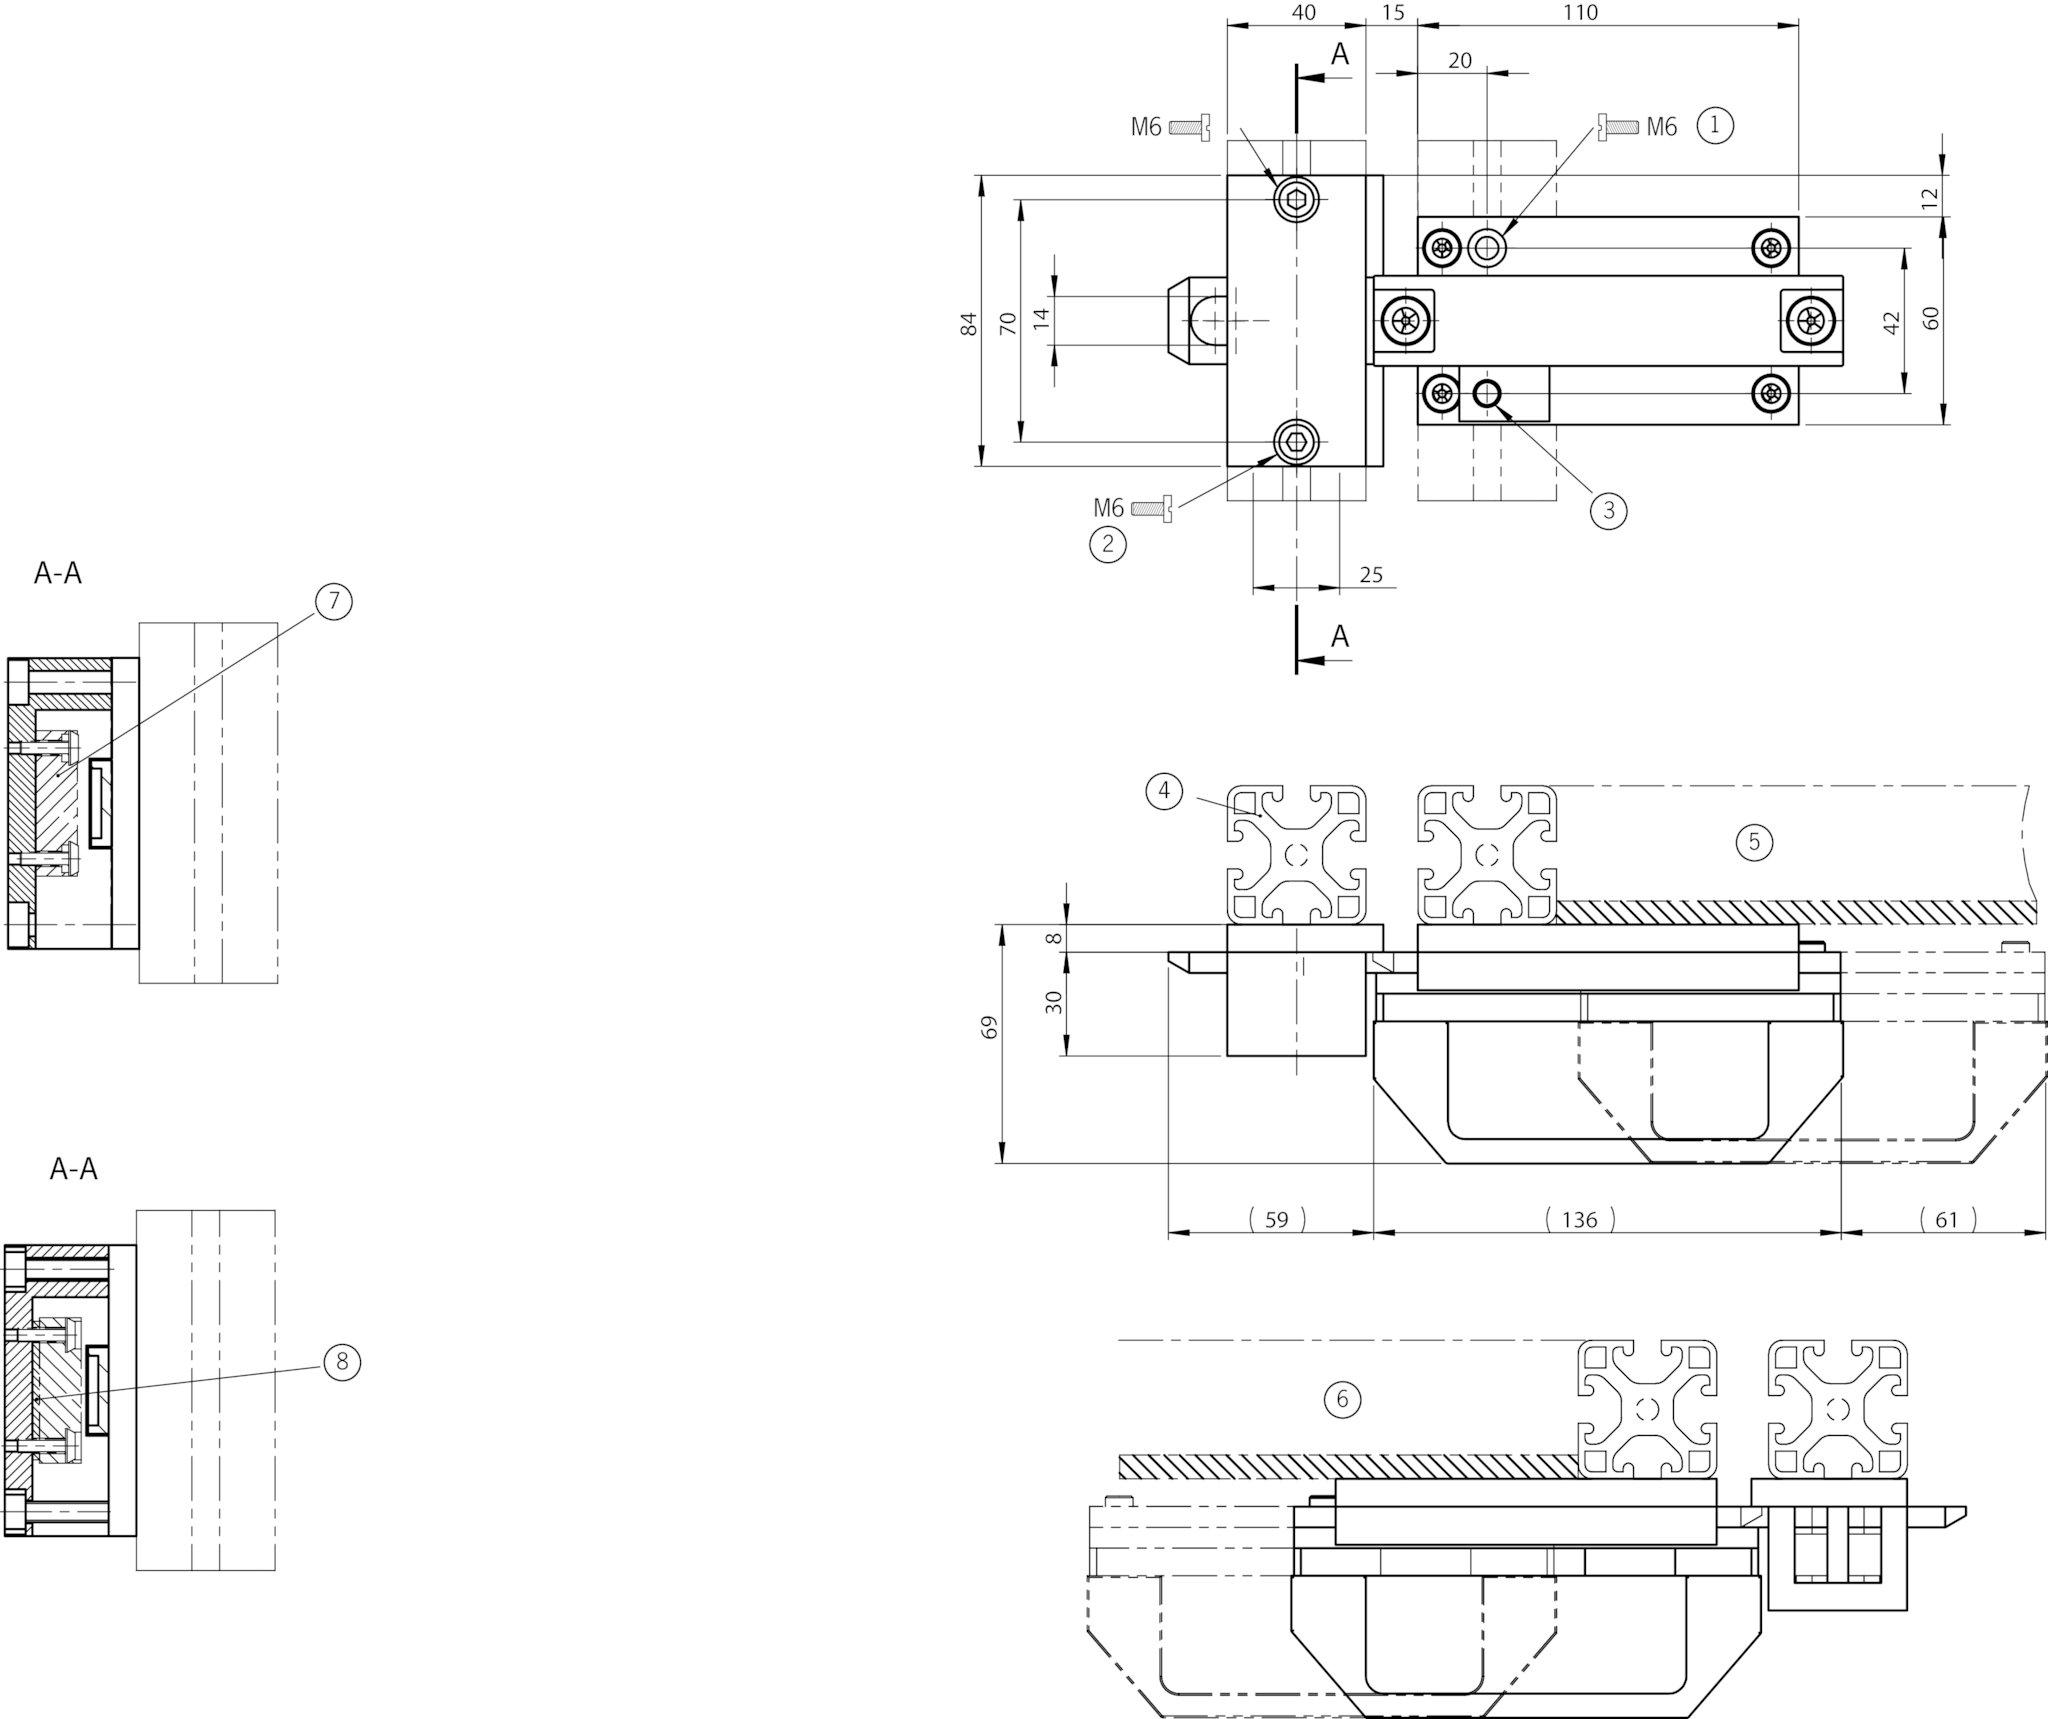 A0127 Verrou de s/écurit/é Verrou de s/écurit/é pour b/éb/é Levier de verrouillage de s/écurit/é Ressort de verrouillage de s/écurit/é Armoire /à tiroirs r/éfrig/érateur porte de